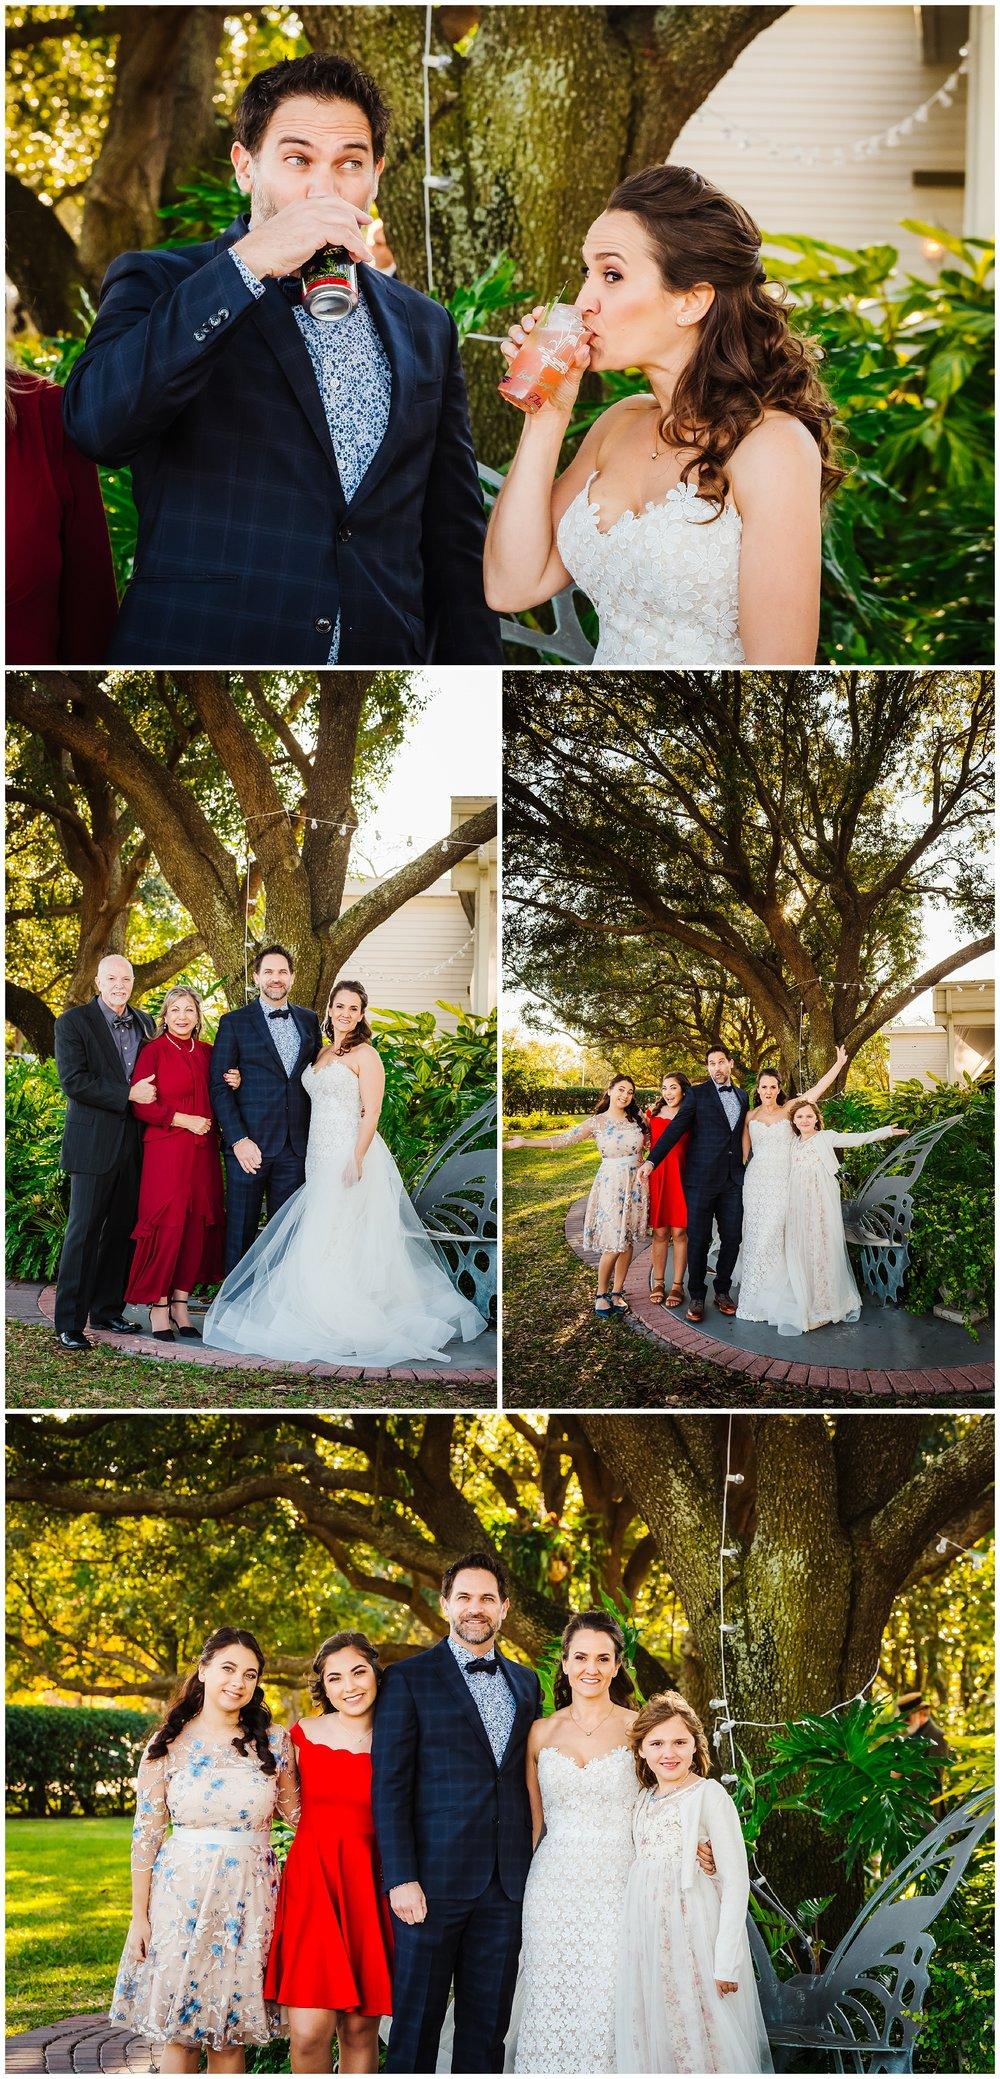 tampa-wedding-photographer-davis-island-flamingo-garden-alexander-mcqueen-non-traditional_0044.jpg